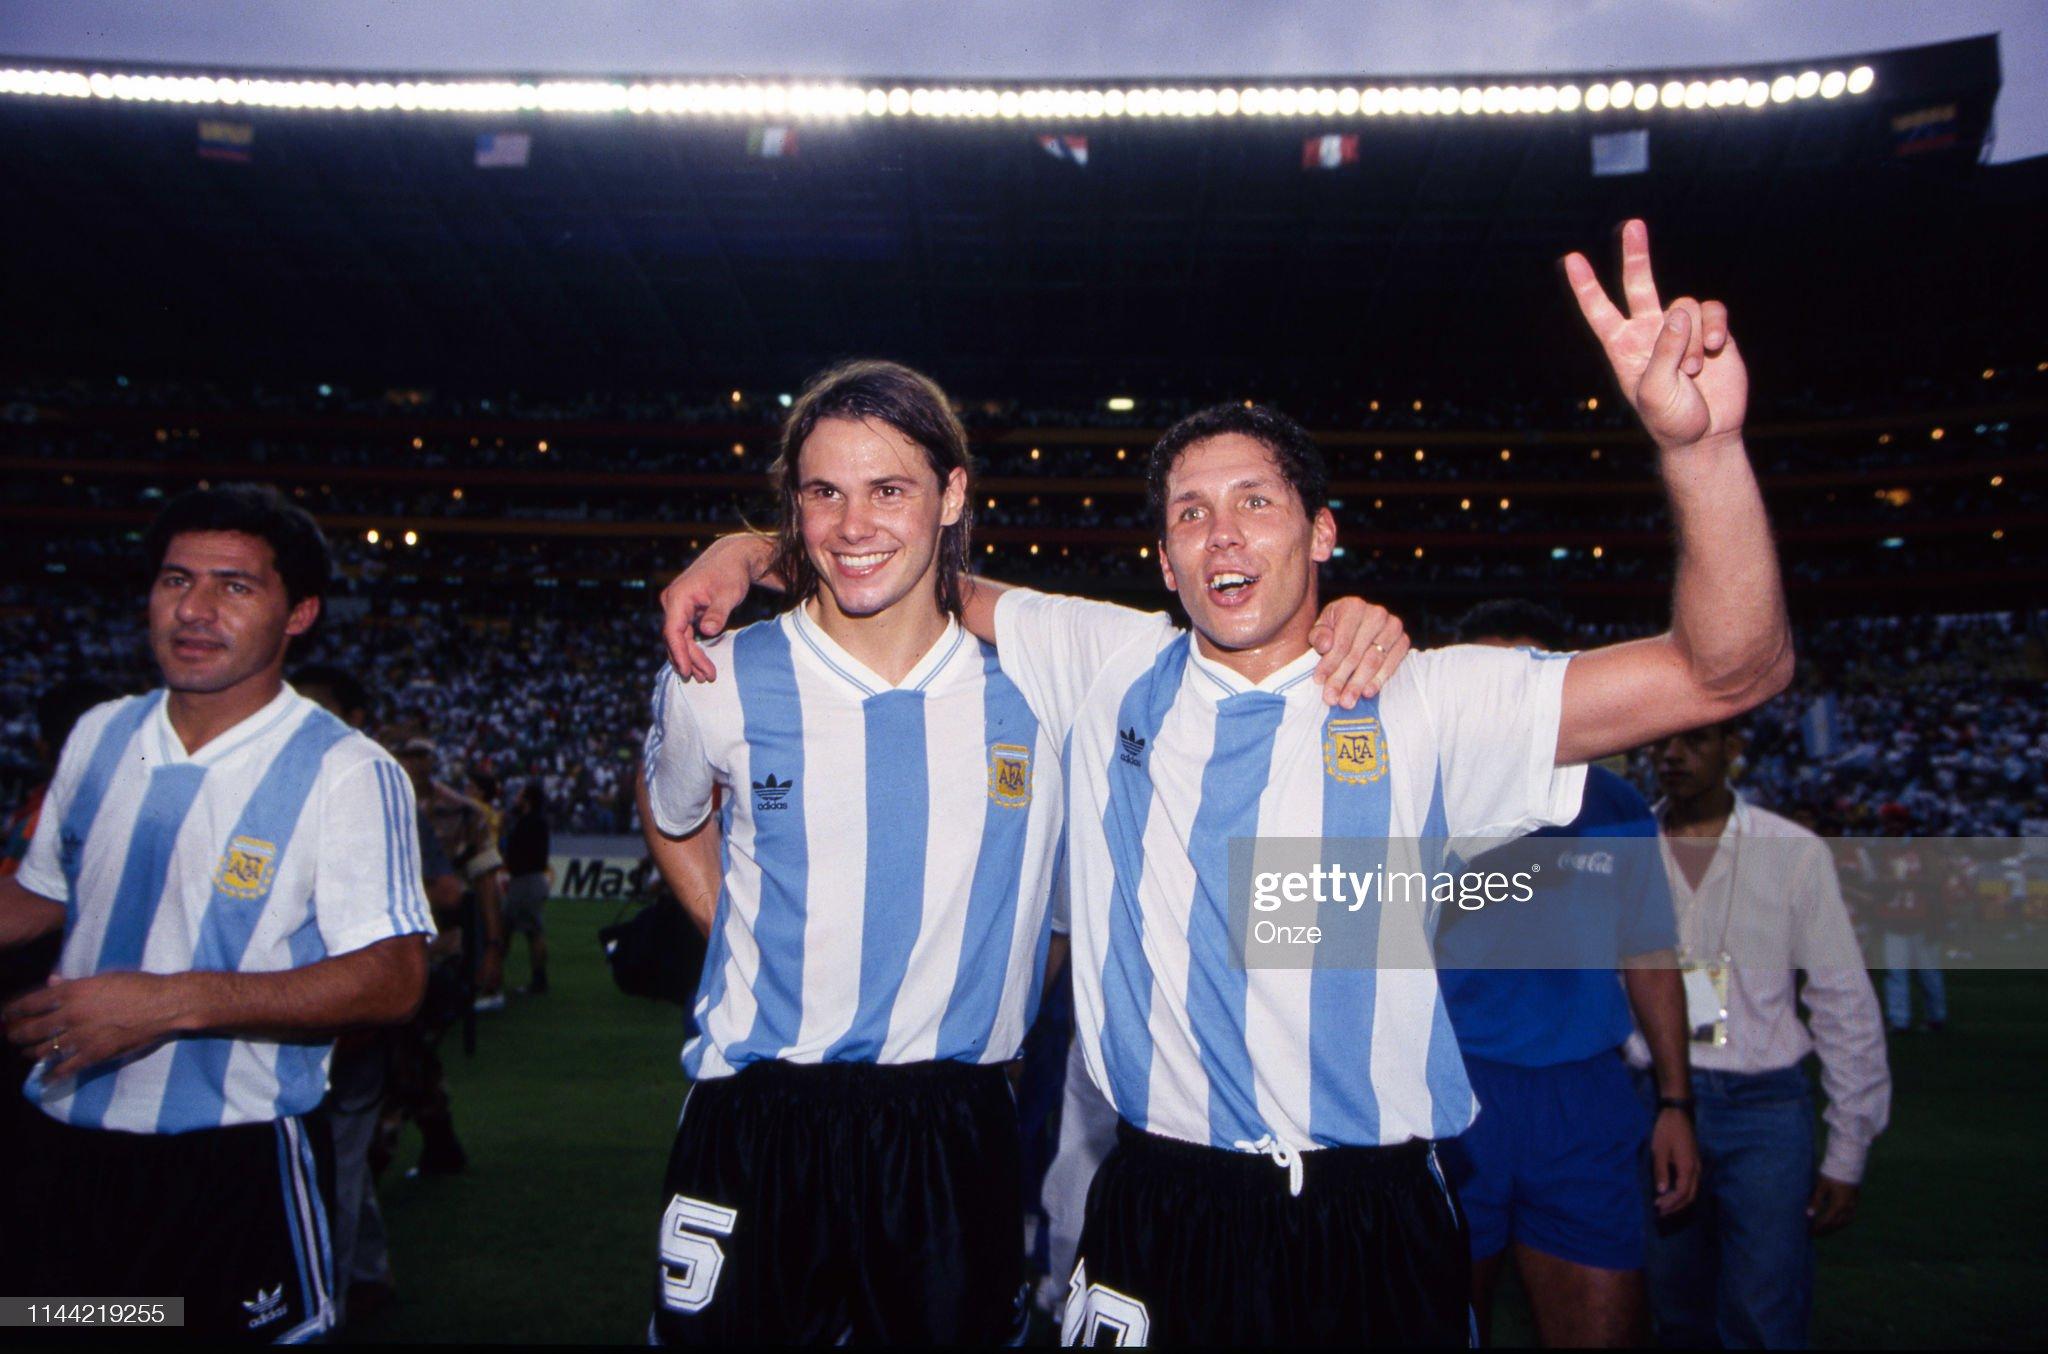 Las mezclas amerindias y europeas - Mestizas y mestizos - Página 34 Diego-simeone-and-fernando-redondo-of-argentina-celebrate-during-the-picture-id1144219255?s=2048x2048